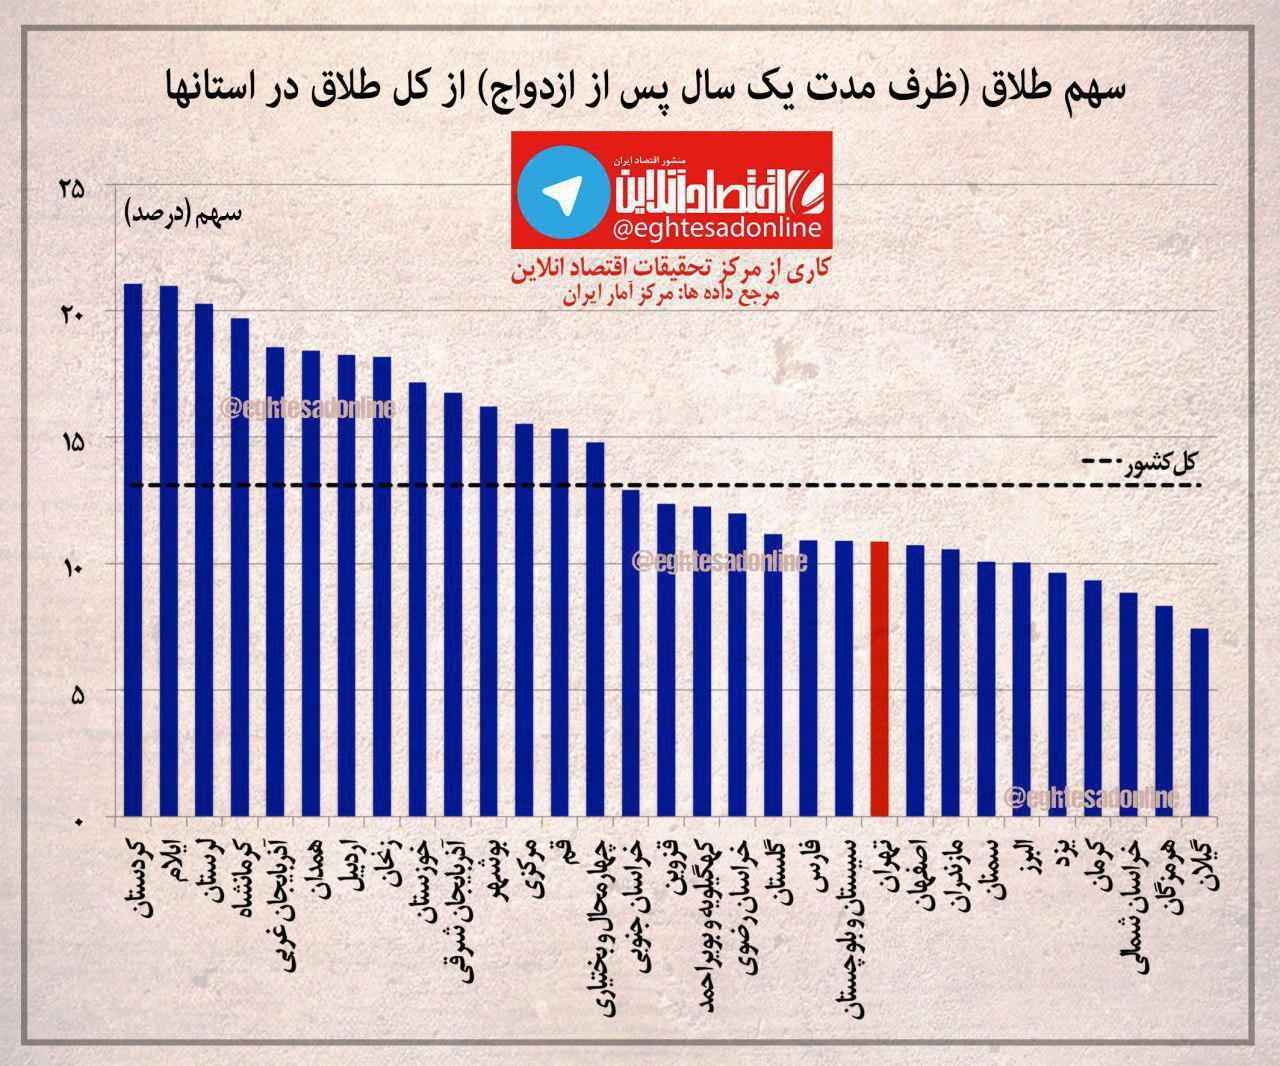 نمودار: بیشترین و کمترین آمار طلاق در کدام استان است؟ 14